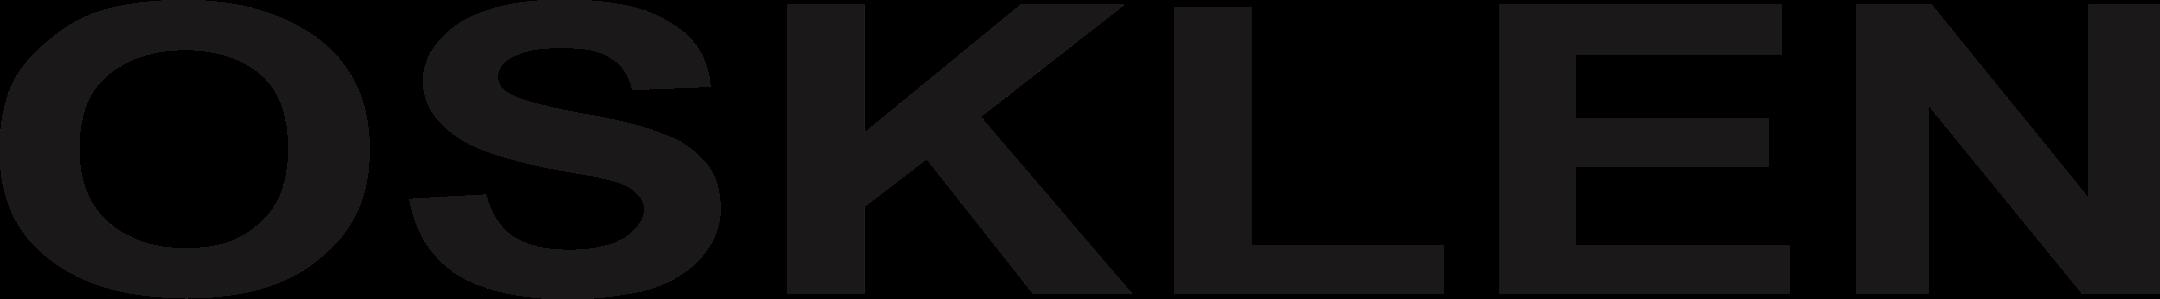 osklen logo 1 - Osklen Logo